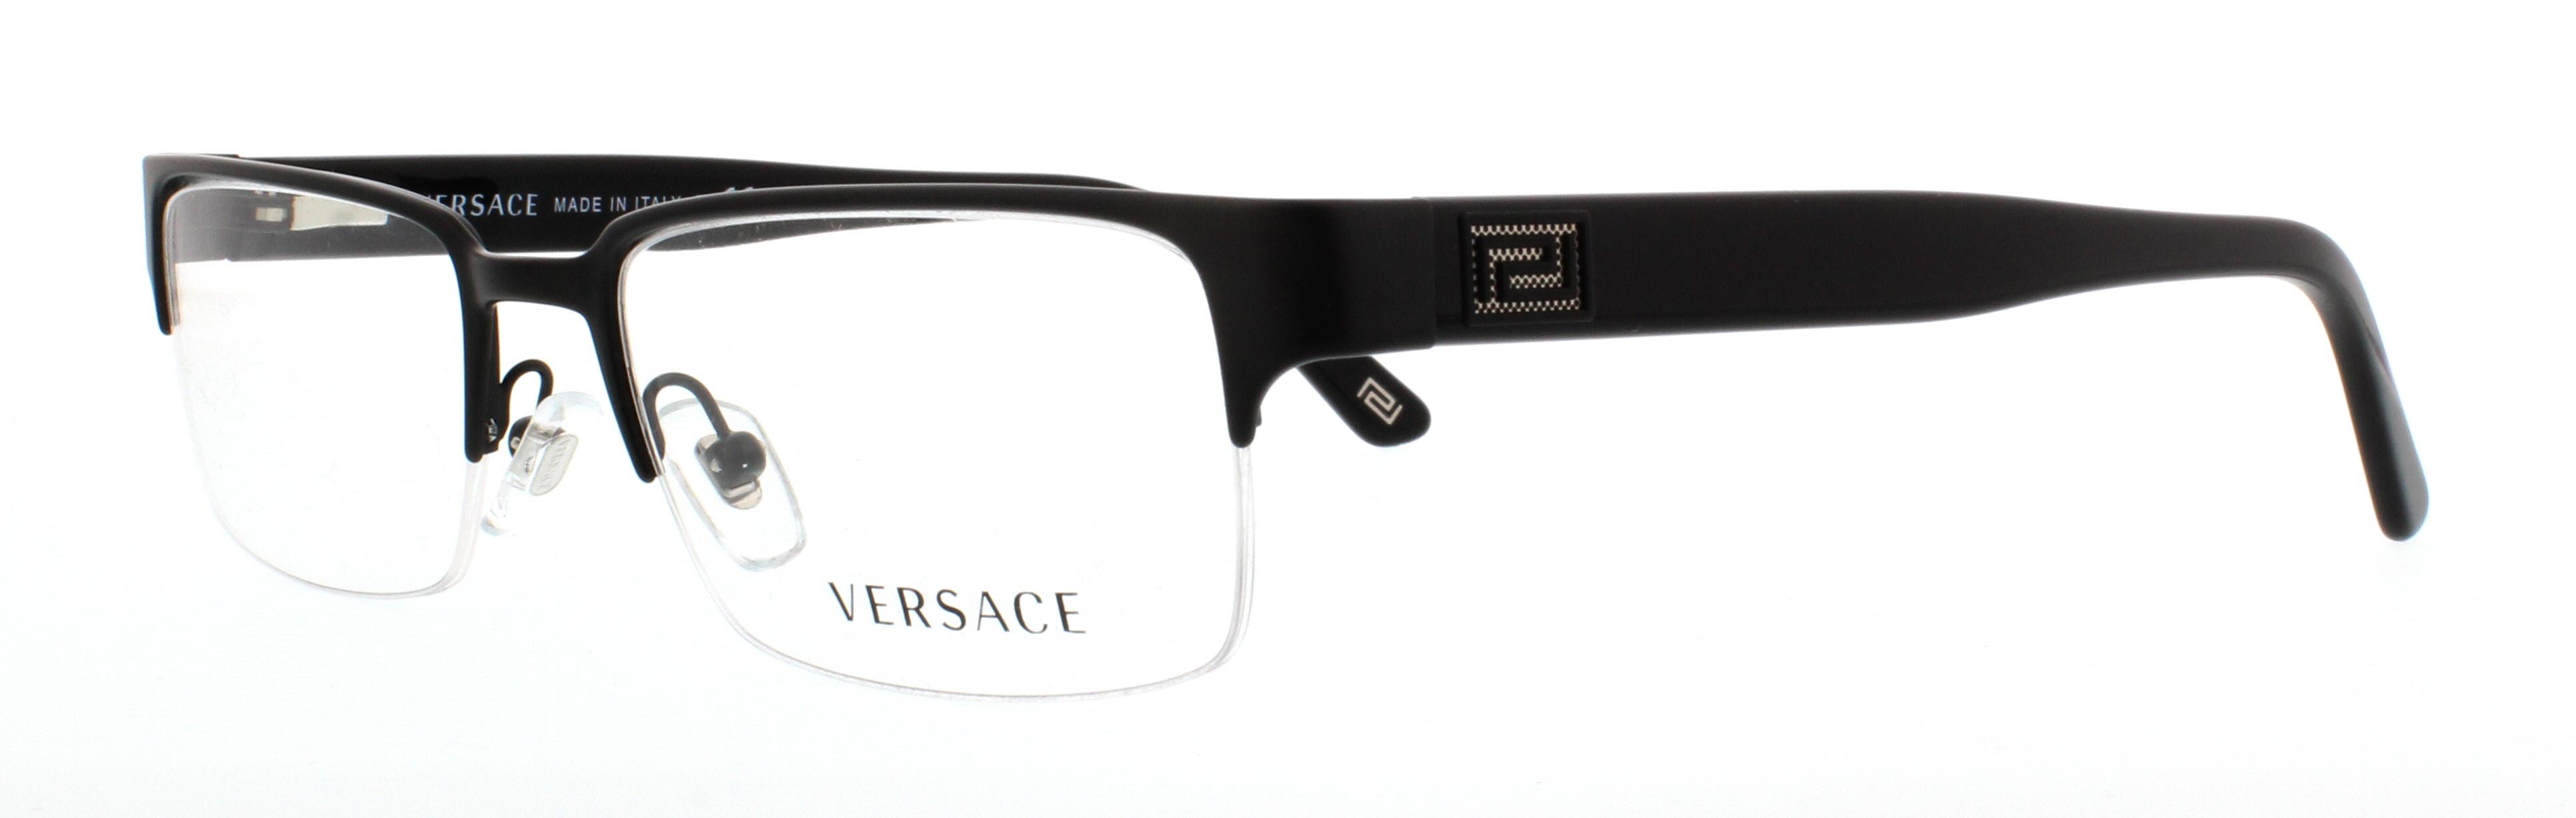 Eyeglasses, Men - Designer Frames Outlet